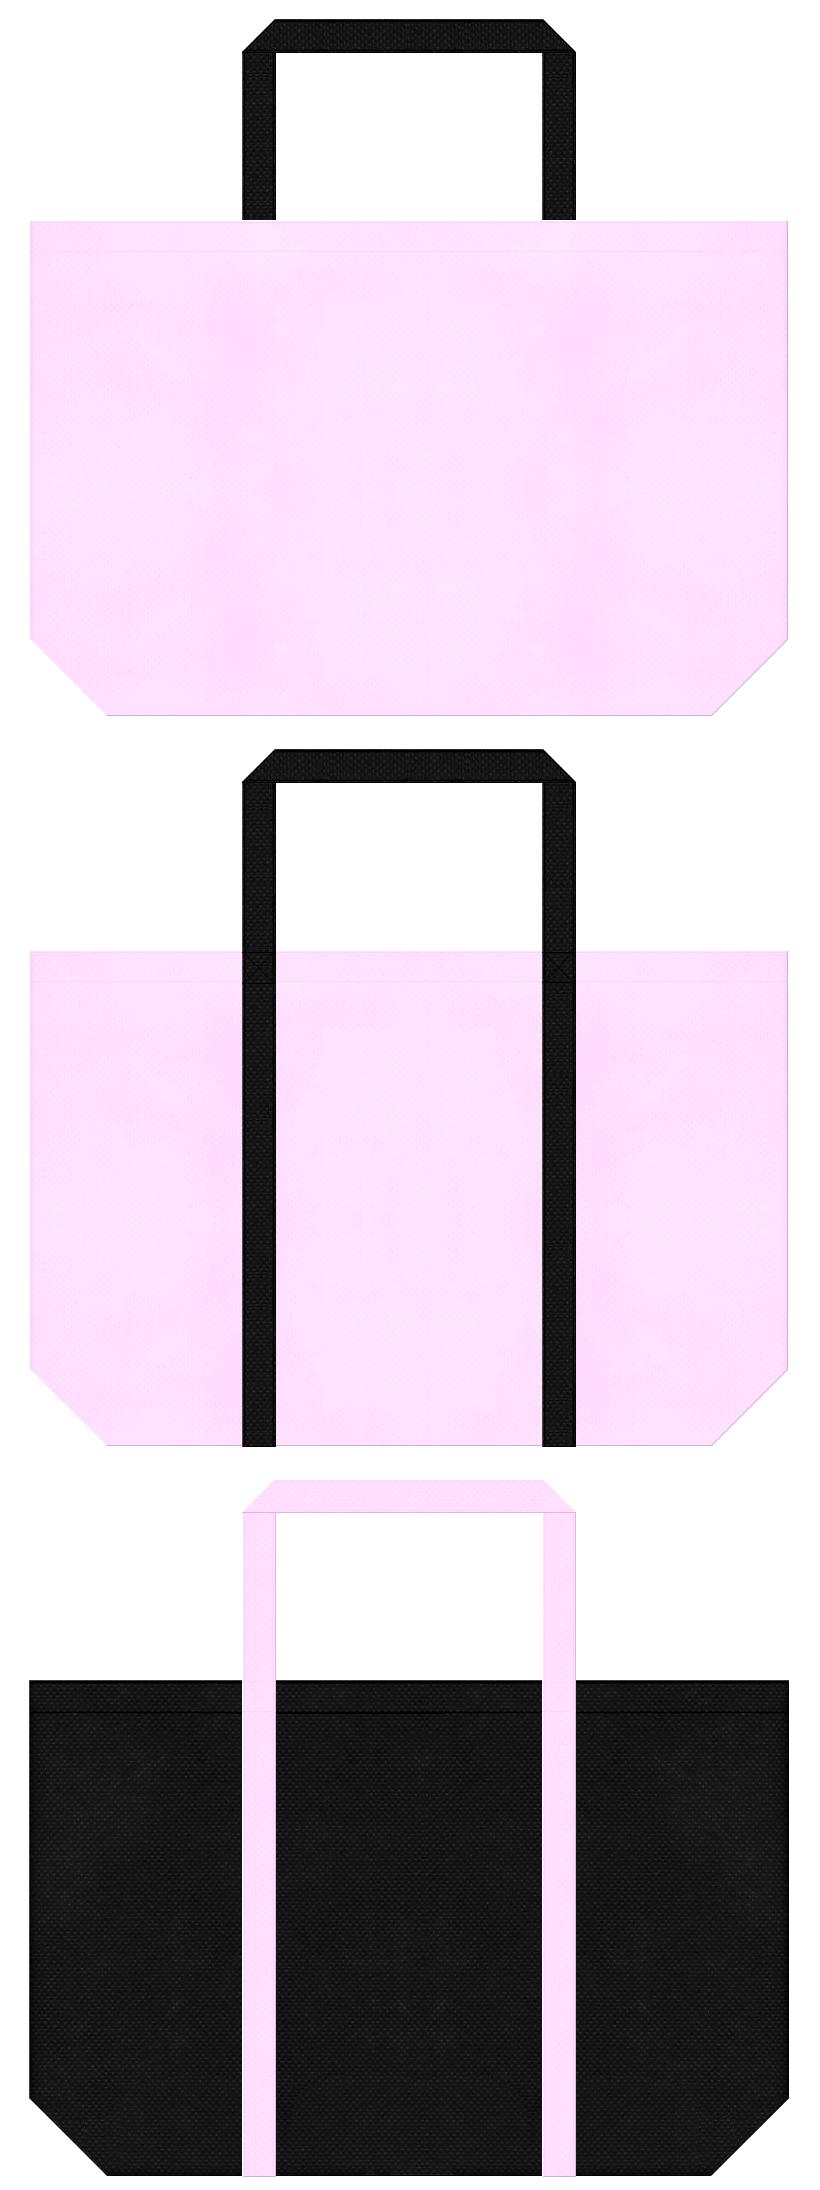 ゴスロリ・猫・フラミンゴ・バタフライ・占い・魔女・魔法使い・ウィッグ・コスプレ・ネイル・エステ・コスメ・ガーリーデザインのショッピングバッグにお奨めの不織布バッグデザイン:パステルピンク色と黒色のコーデ